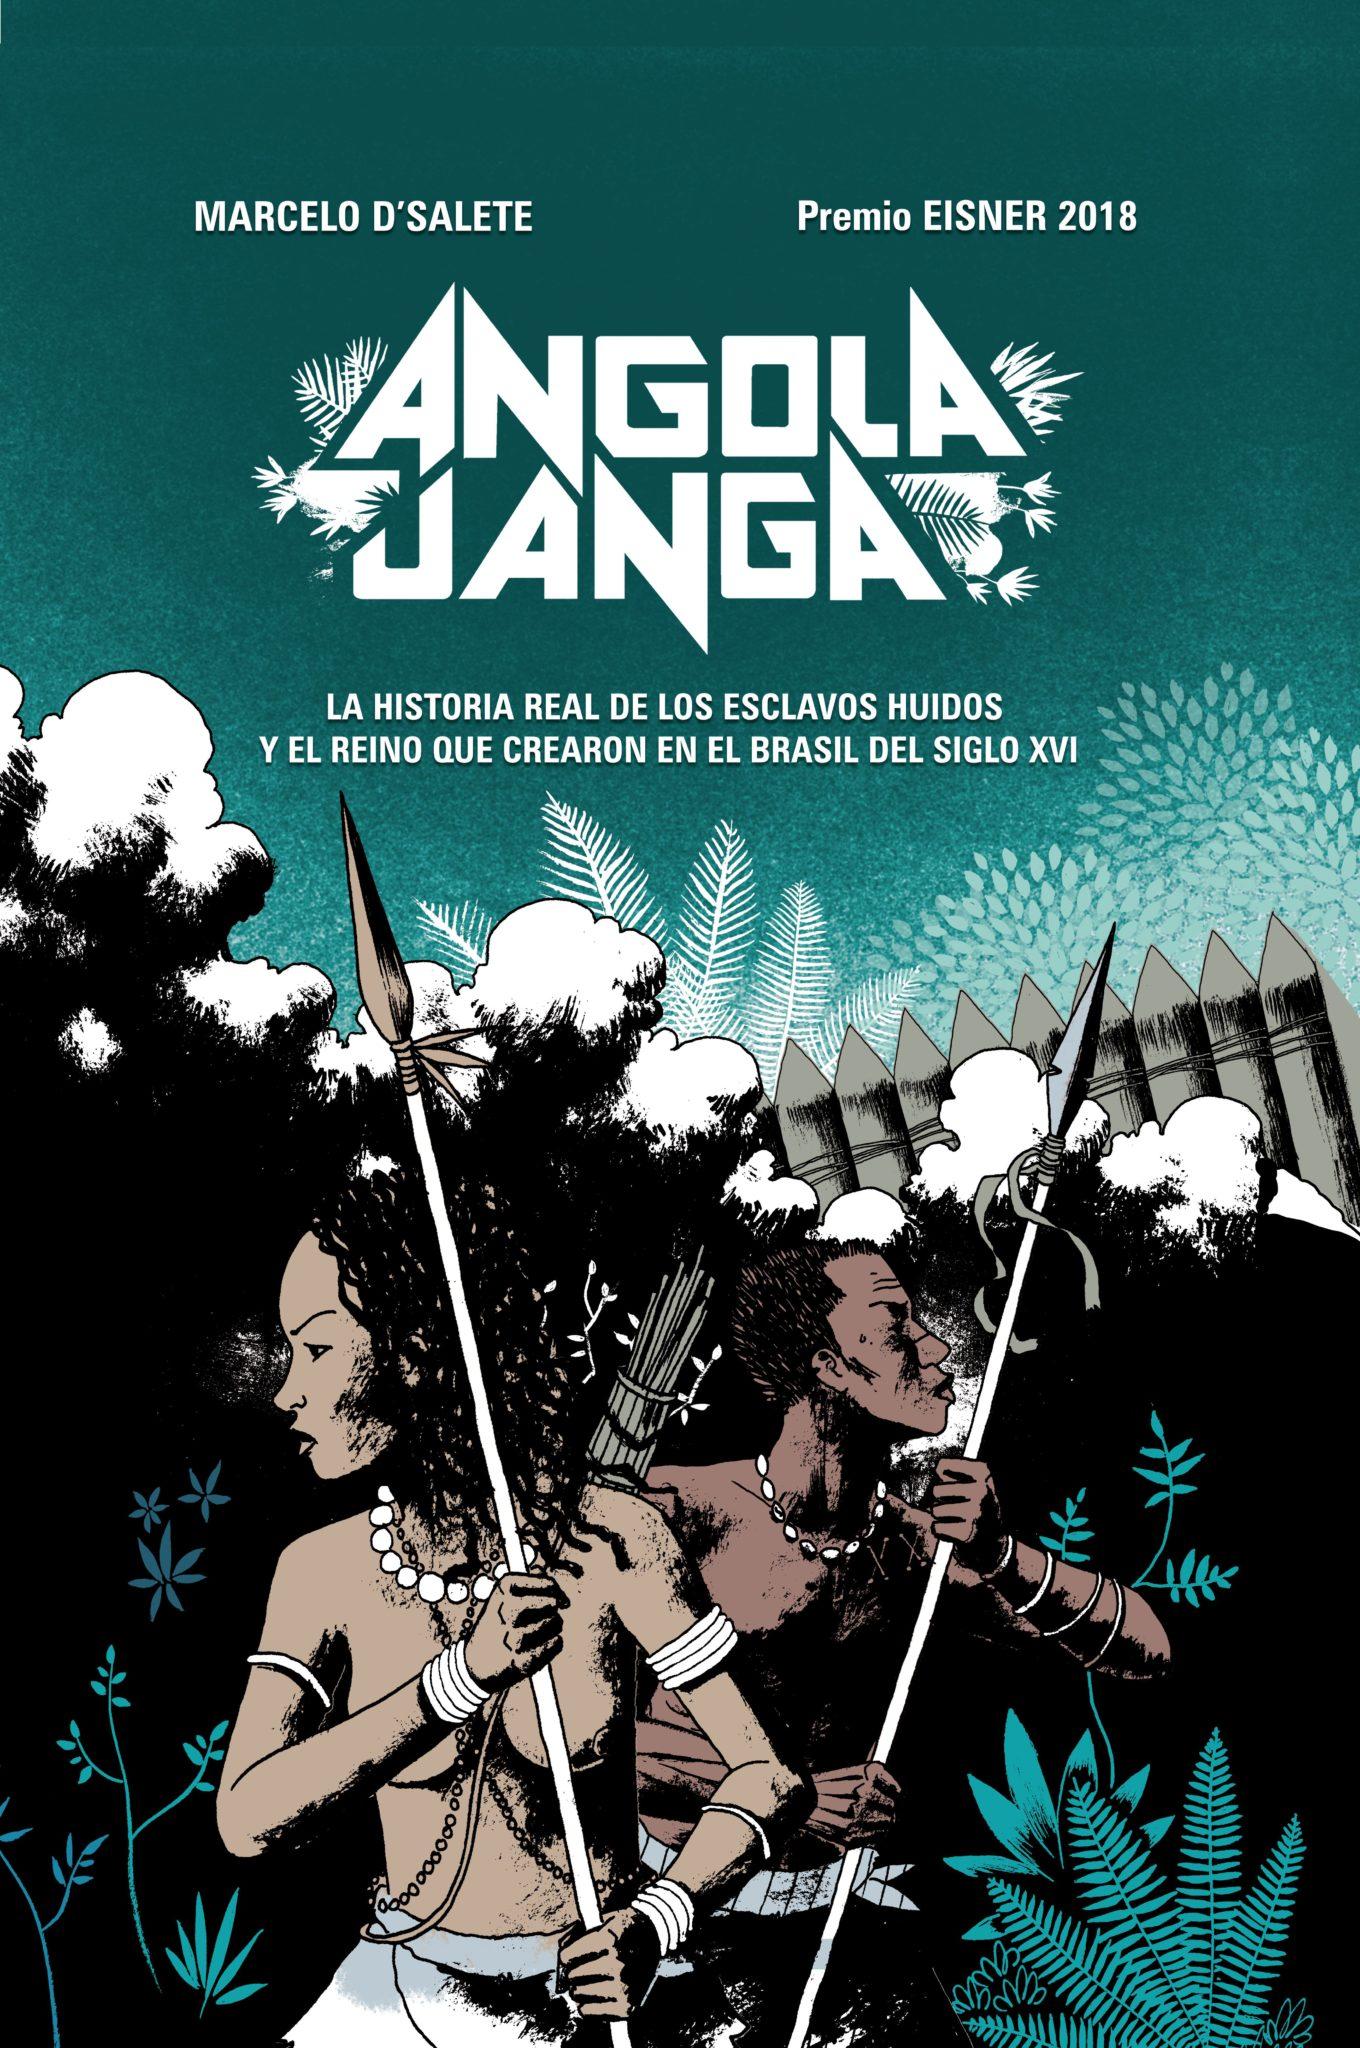 Livre du jour Marcelo DSalete Angola Janga